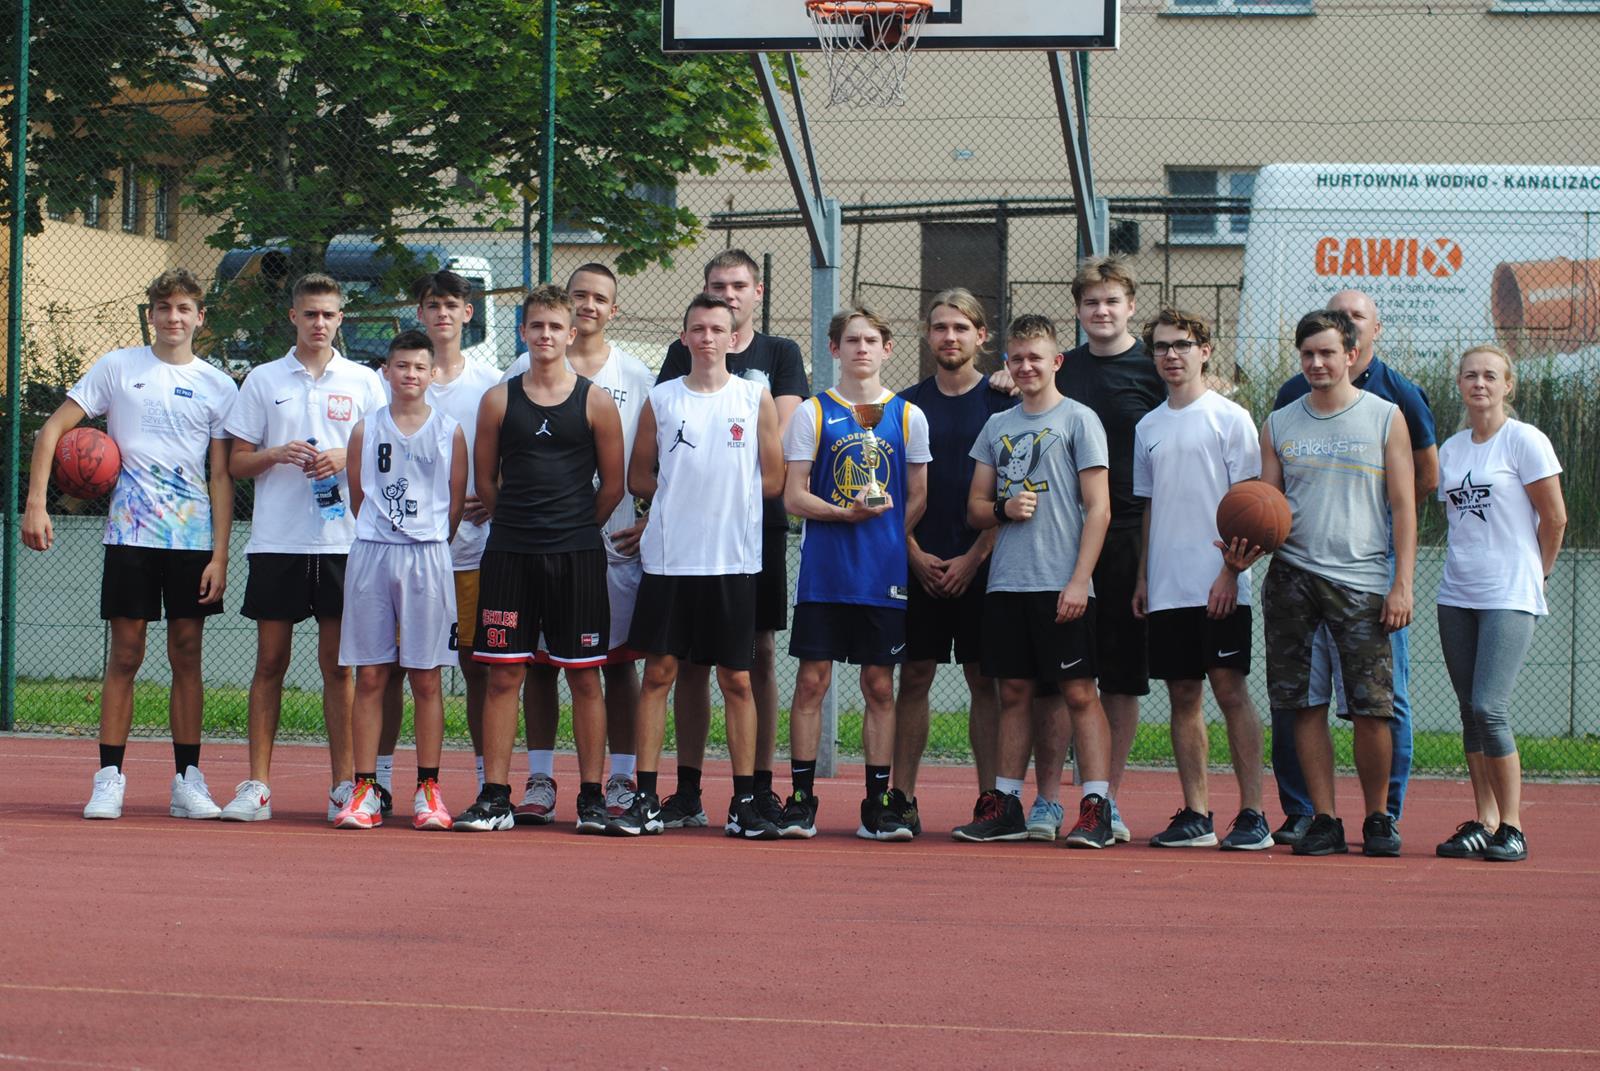 """Pleszew. Turniej koszykówki 3X3 """"Pożegnanie Lata"""" o Puchar Starosty Pleszewskiego [ZDJĘCIA] - Zdjęcie główne"""